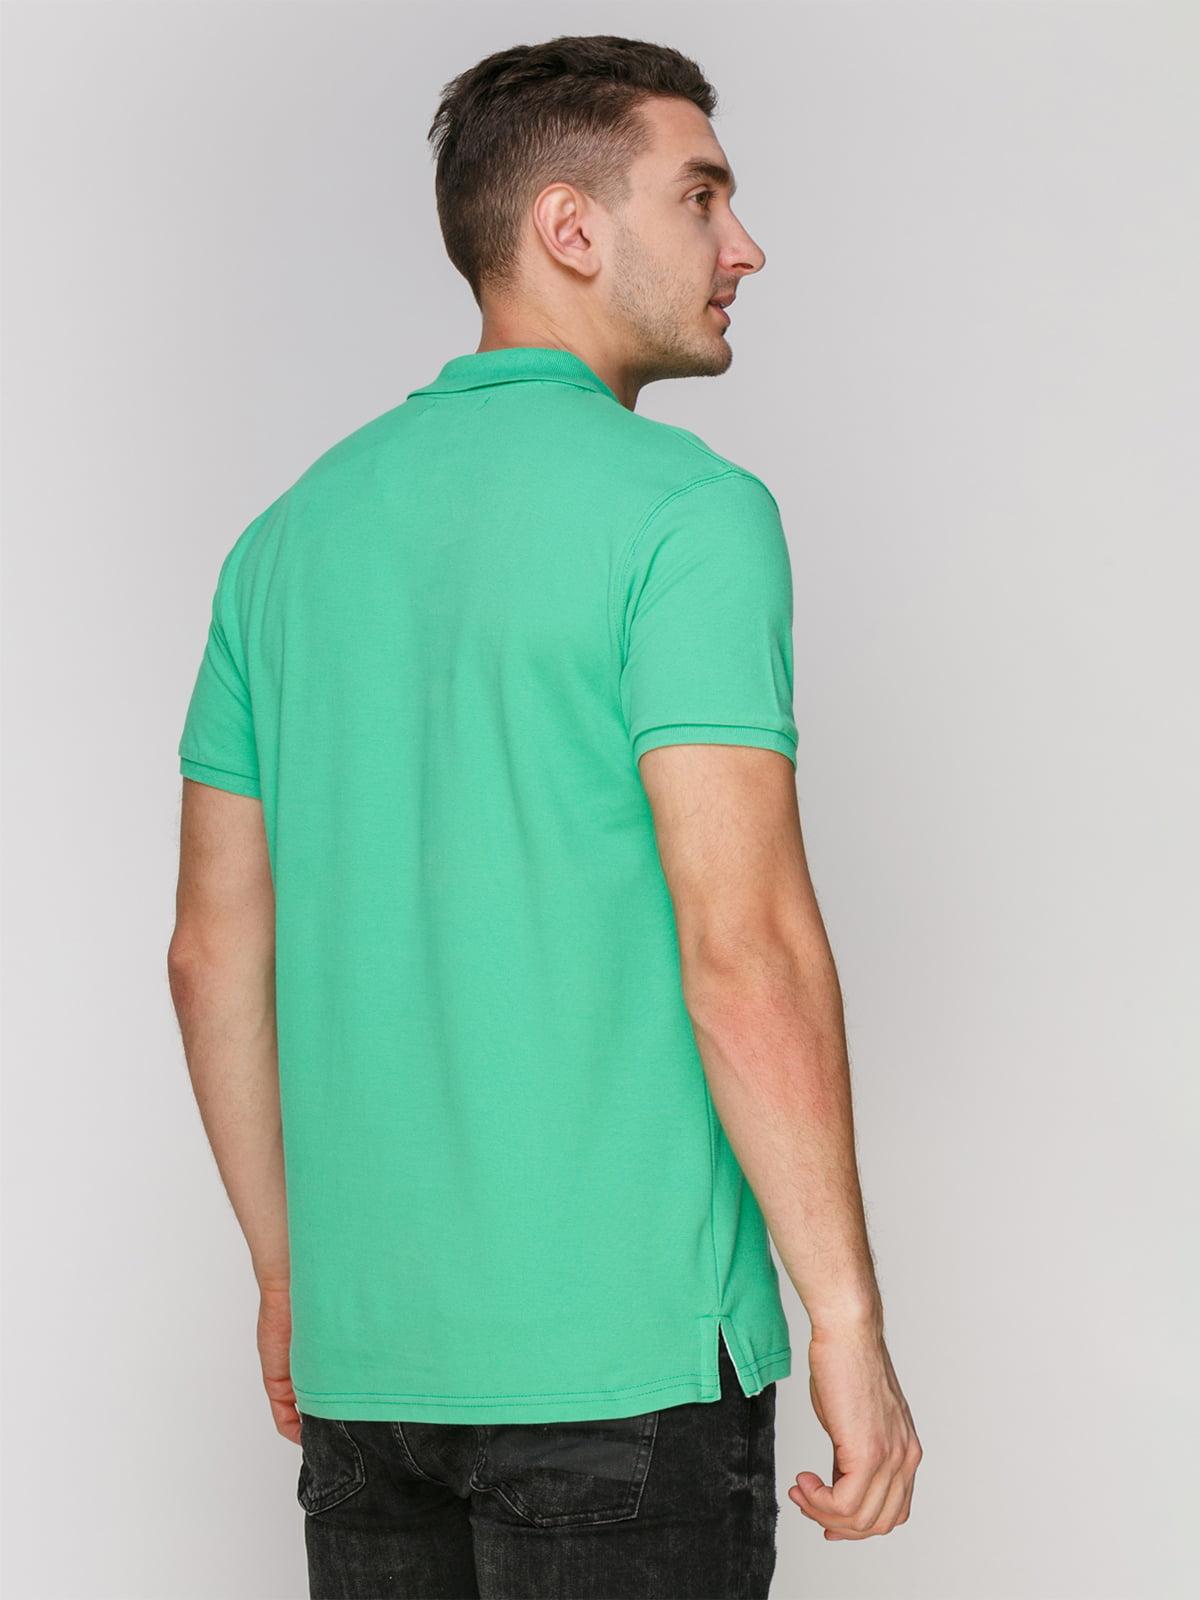 Футболка-поло светло-зеленая с принтом | 4854945 | фото 2